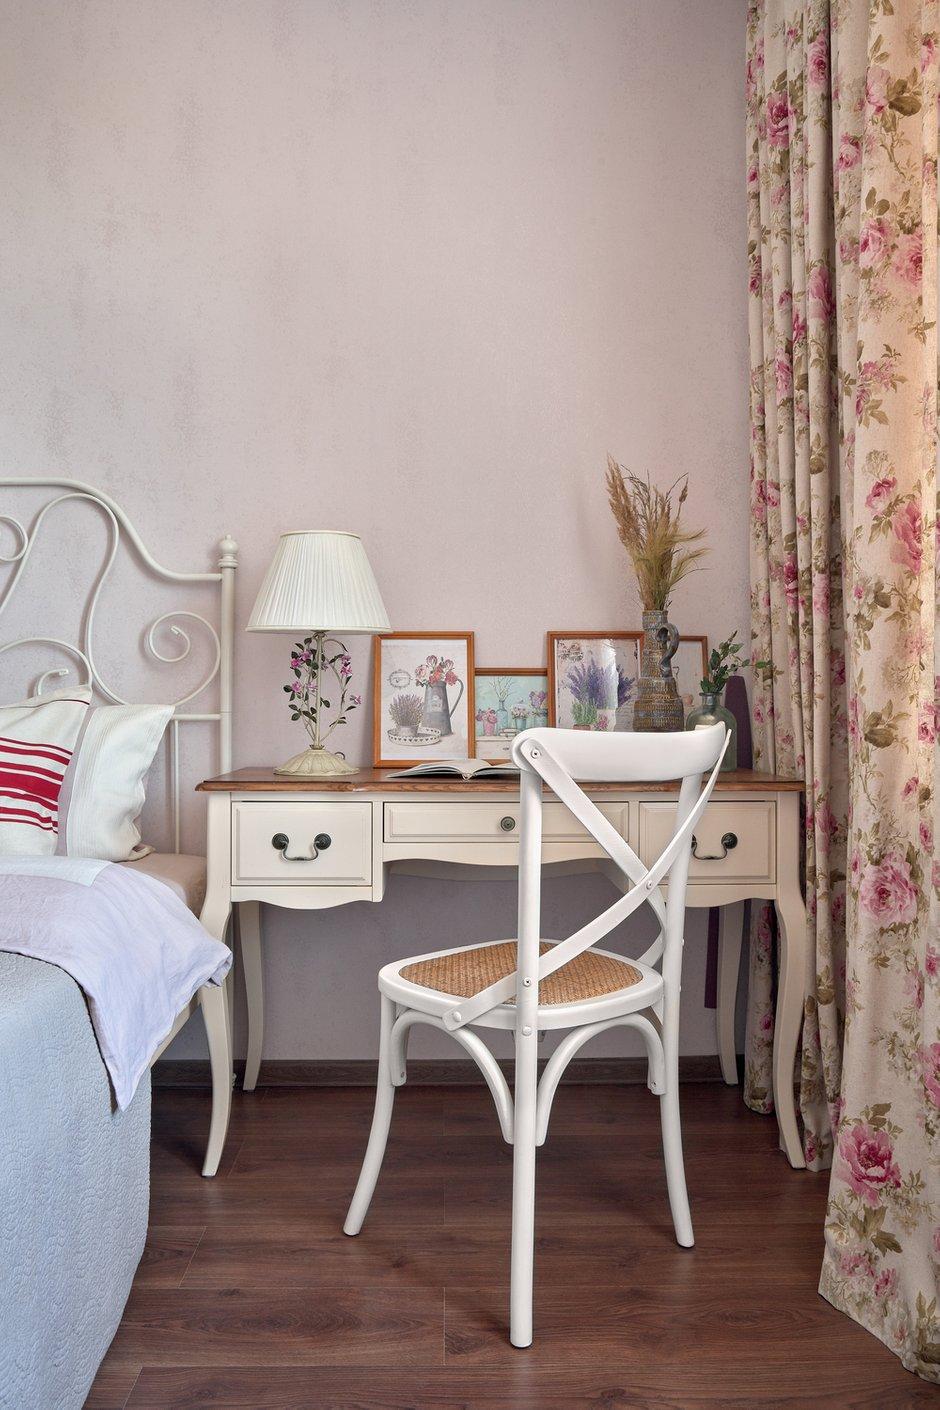 Фотография: Спальня в стиле Прованс и Кантри, Квартира, Проект недели, Красногорск, 3 комнаты, 60-90 метров, Более 90 метров, Евгения Ивлиева – фото на INMYROOM